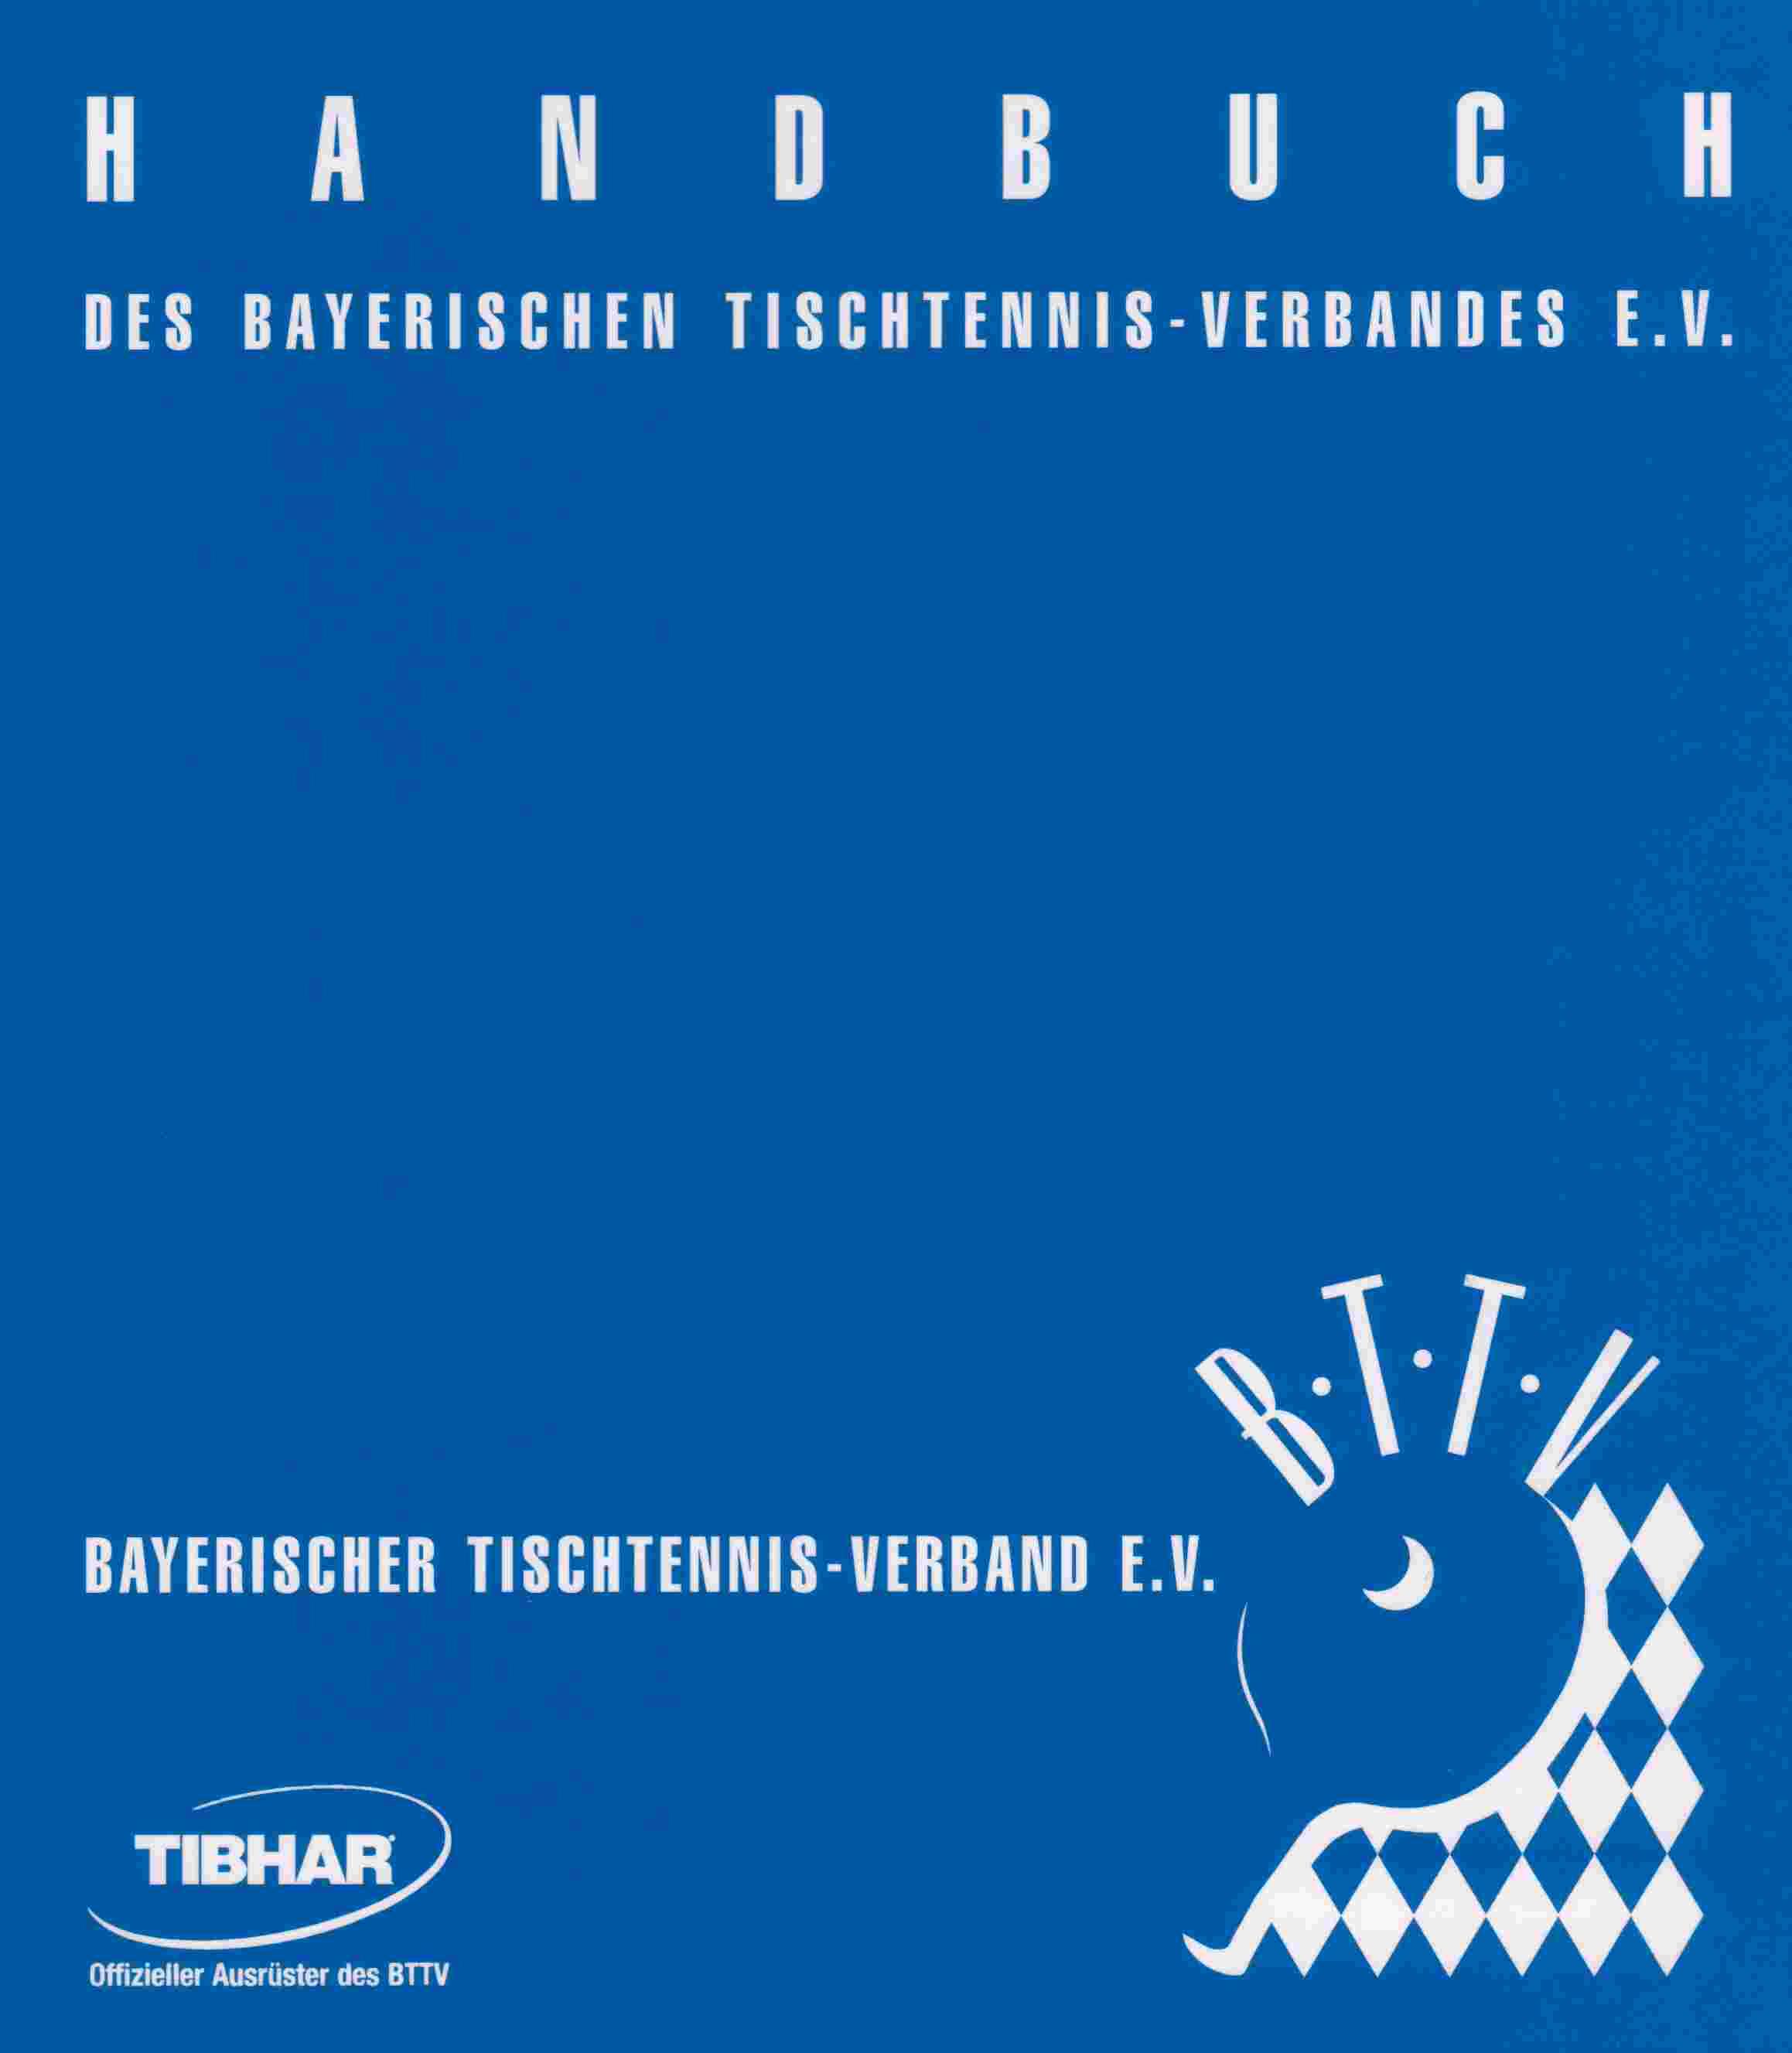 Bttv Extension